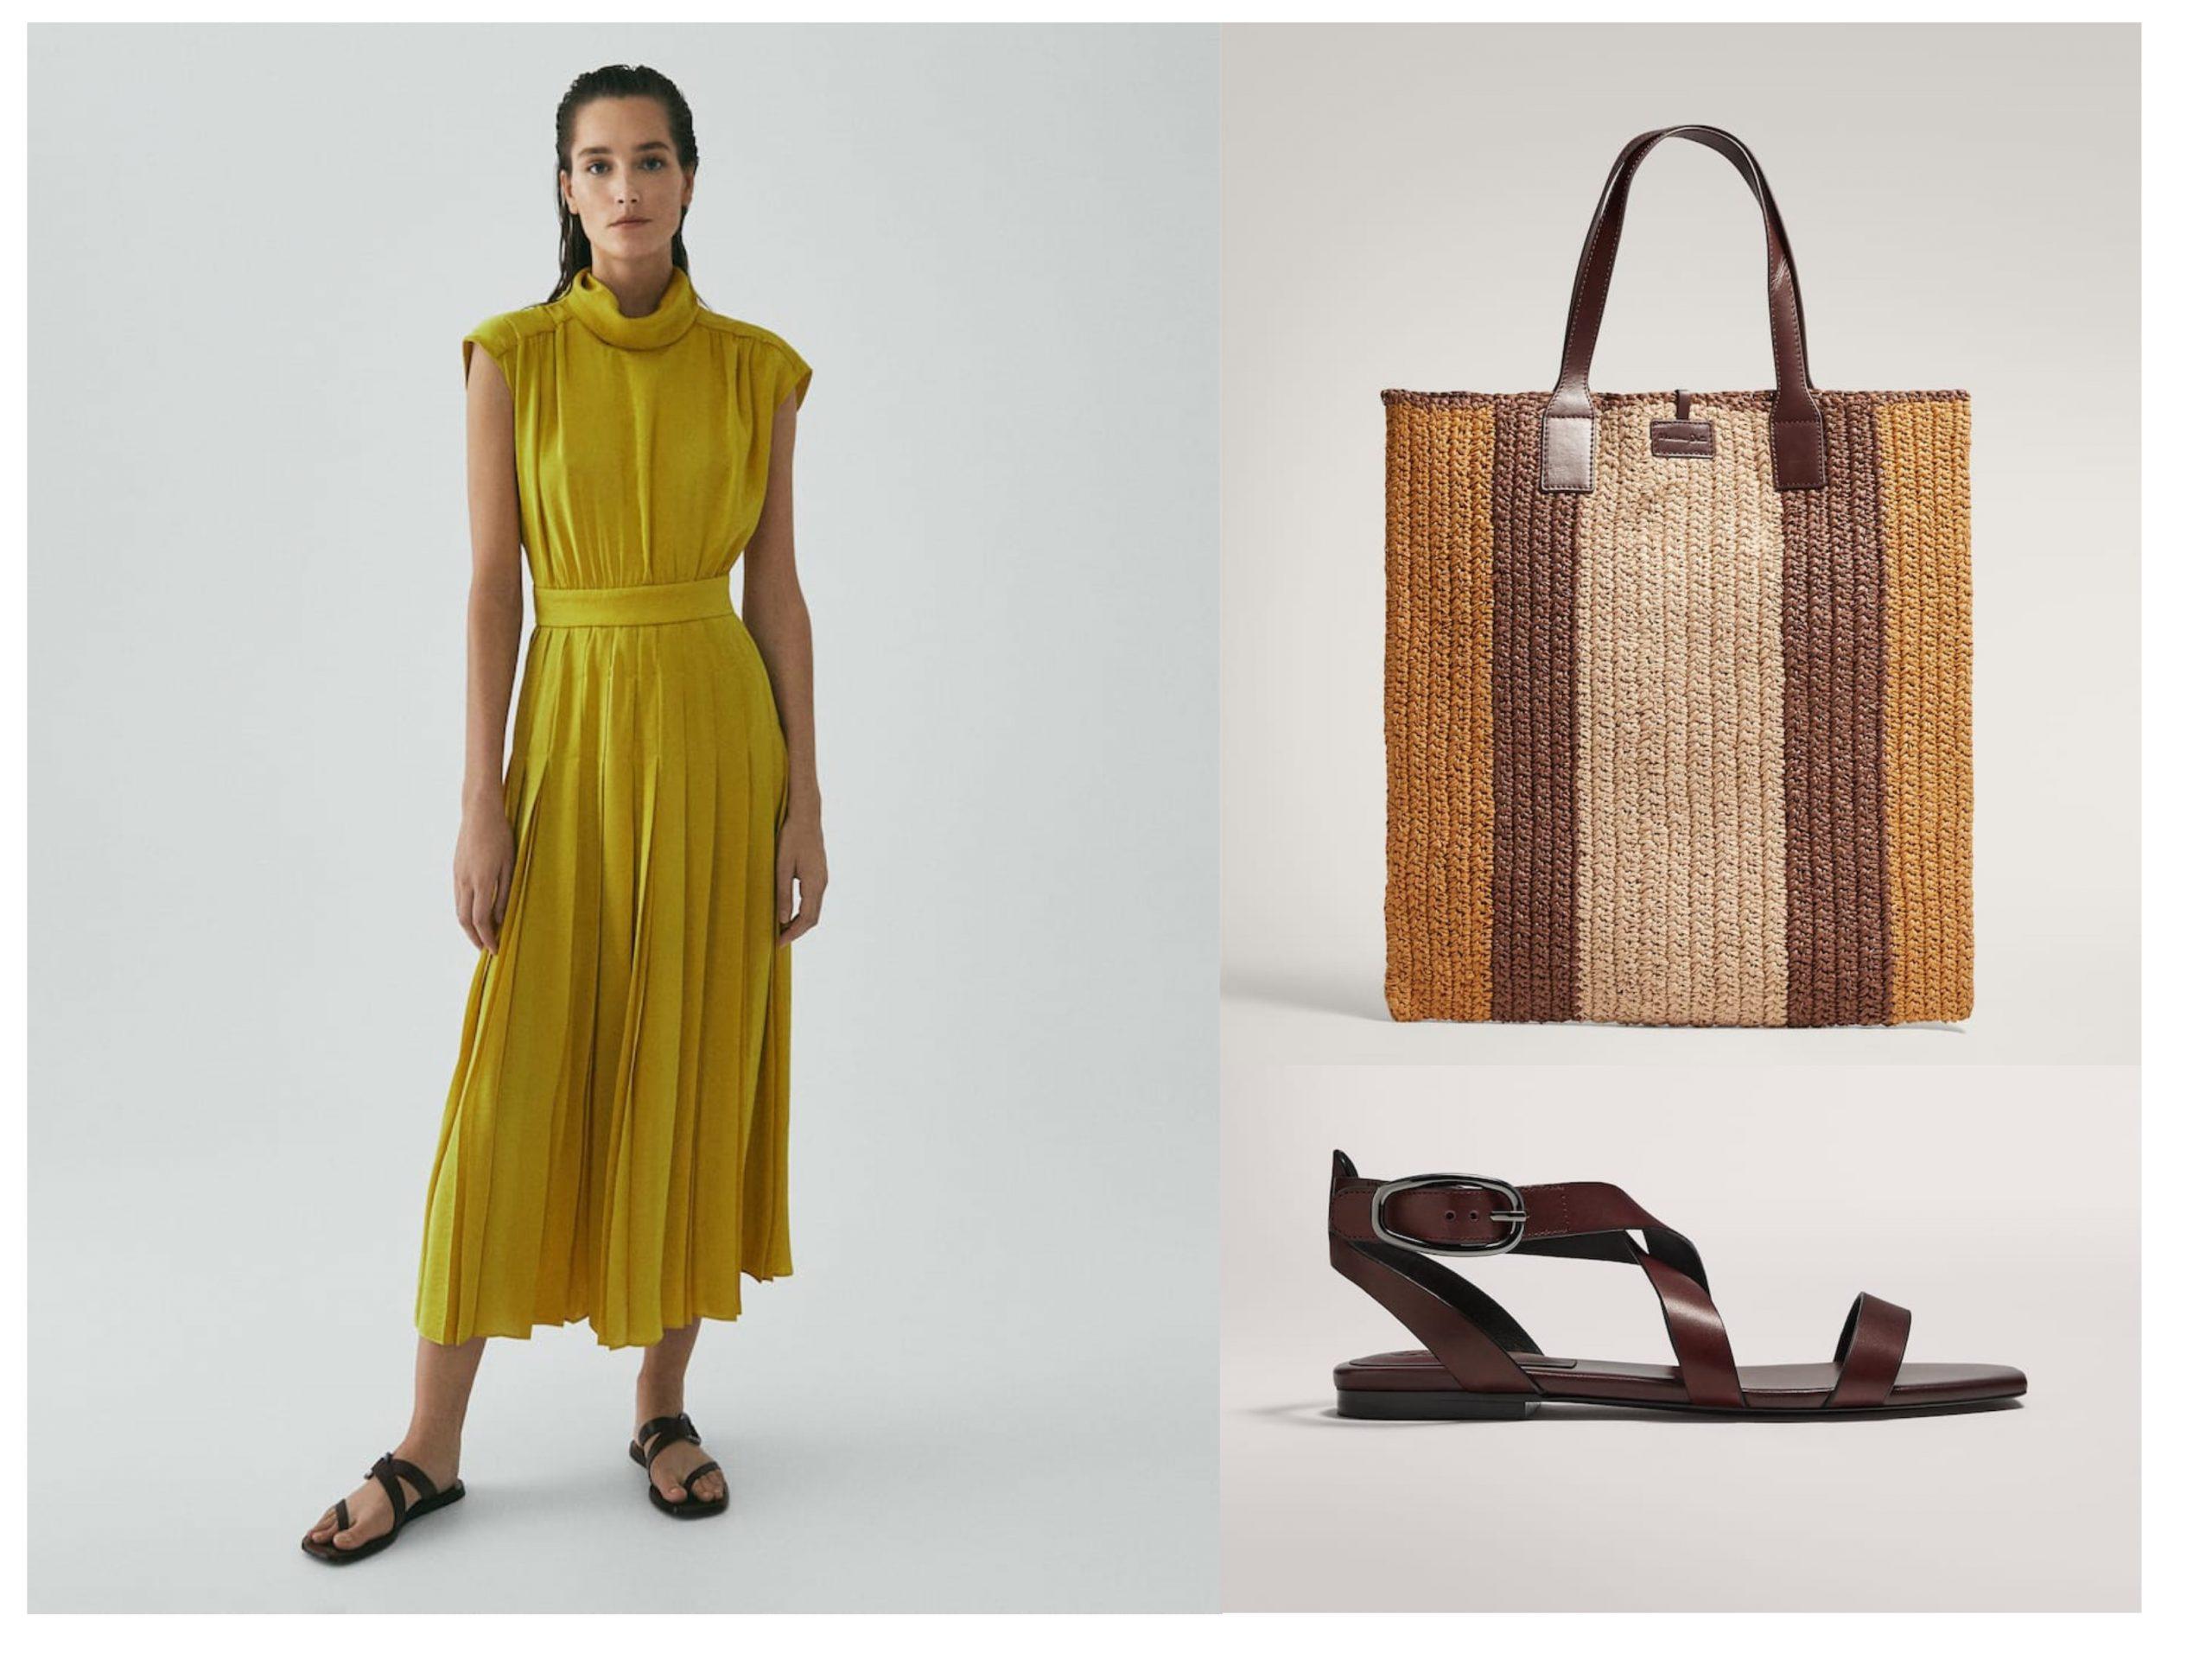 Total look de Massimo Dutti de noche de verano, cuenta con vestido plisado en tono amarillo-mostaza, bolso de rabia y sandalias planas con tiras cruzadas.